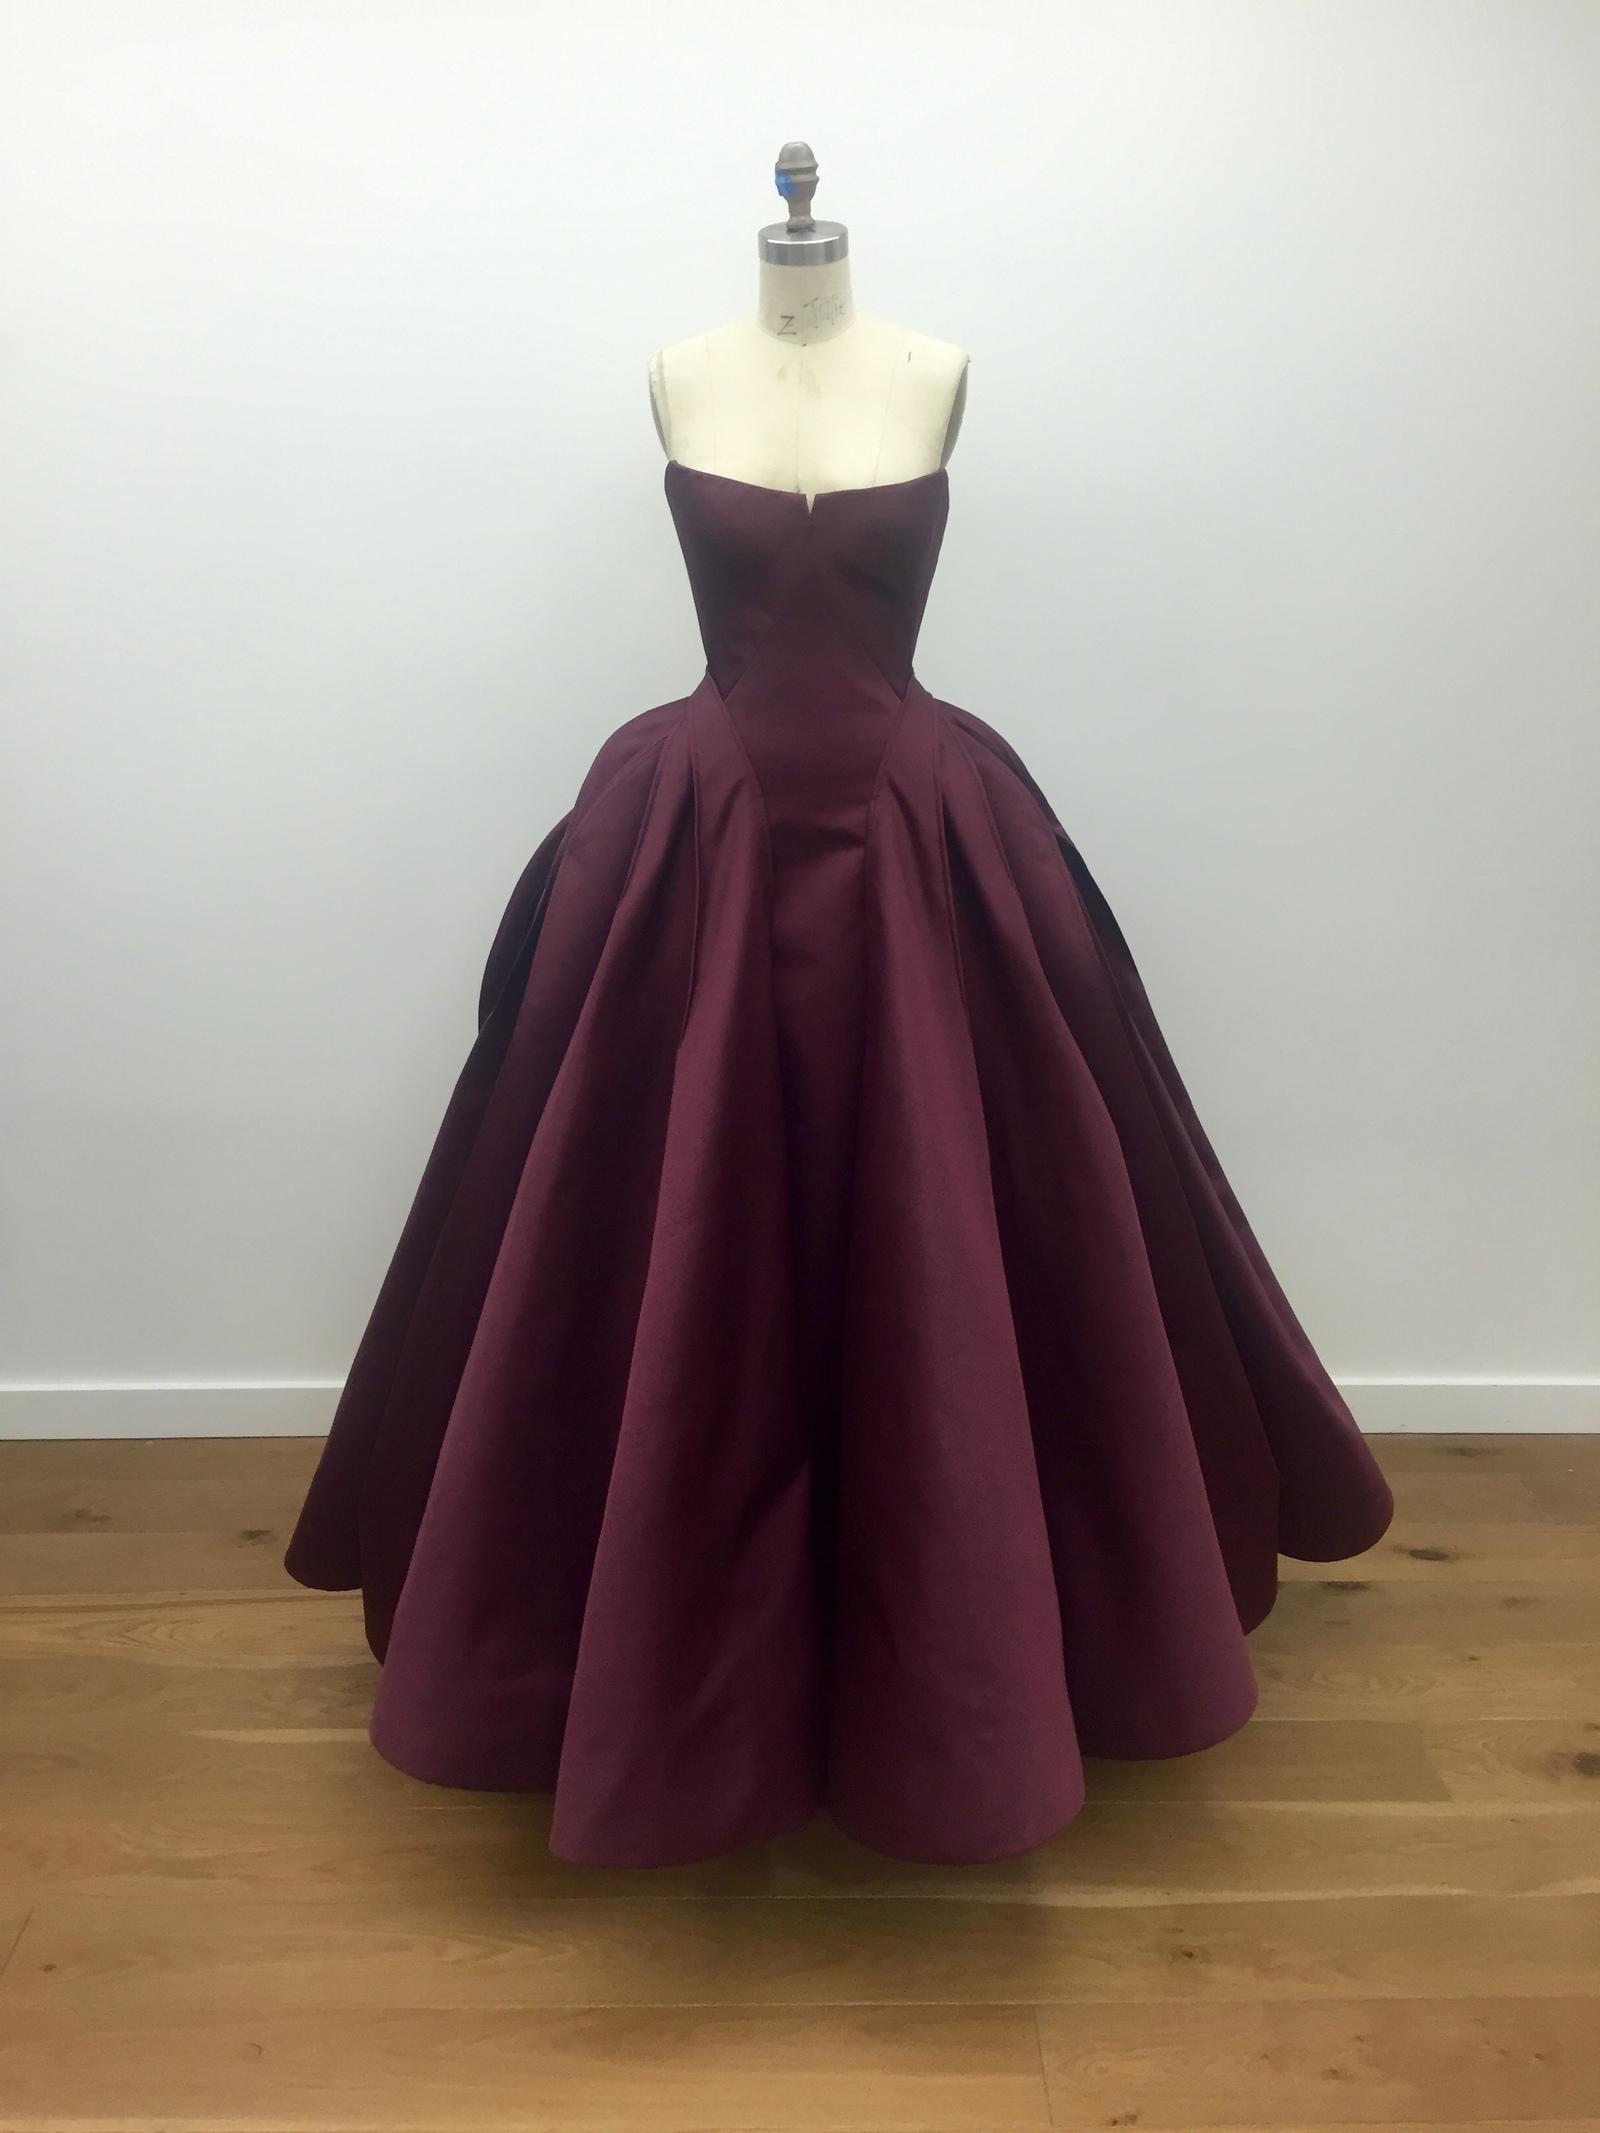 Duchess Satin Architectural Bustier Ball Gown by Zac Posen | Moda ...